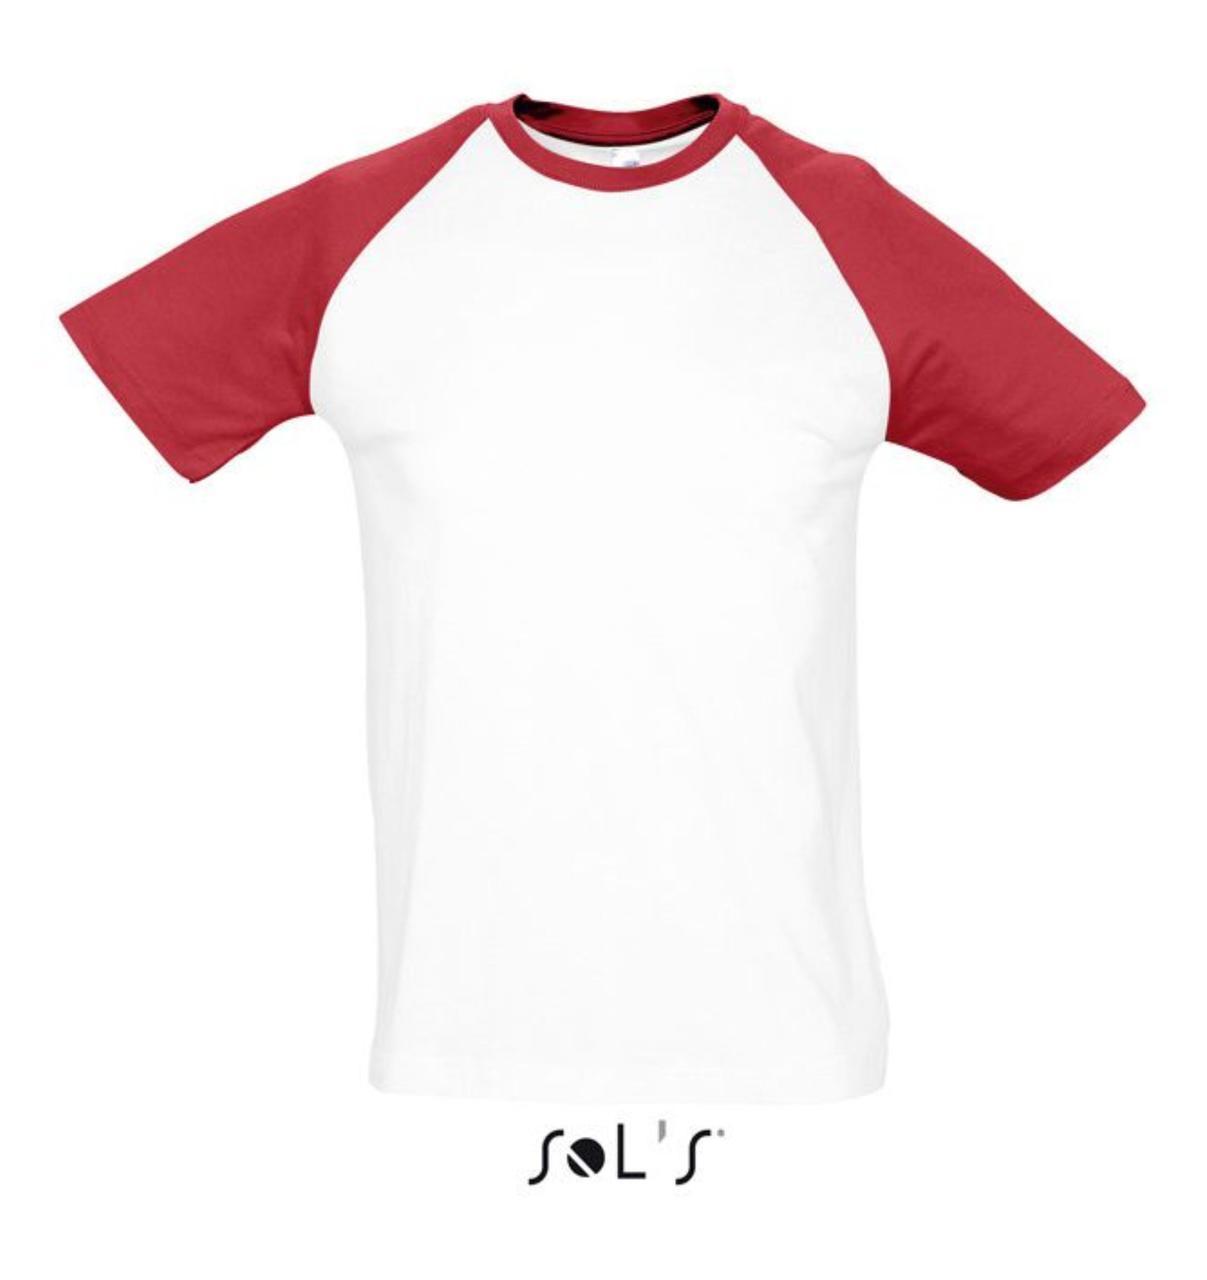 Футболка двухцветная FUNKY. Цвет белый/красный с рукавами реглан. 100% хлопок , размер L